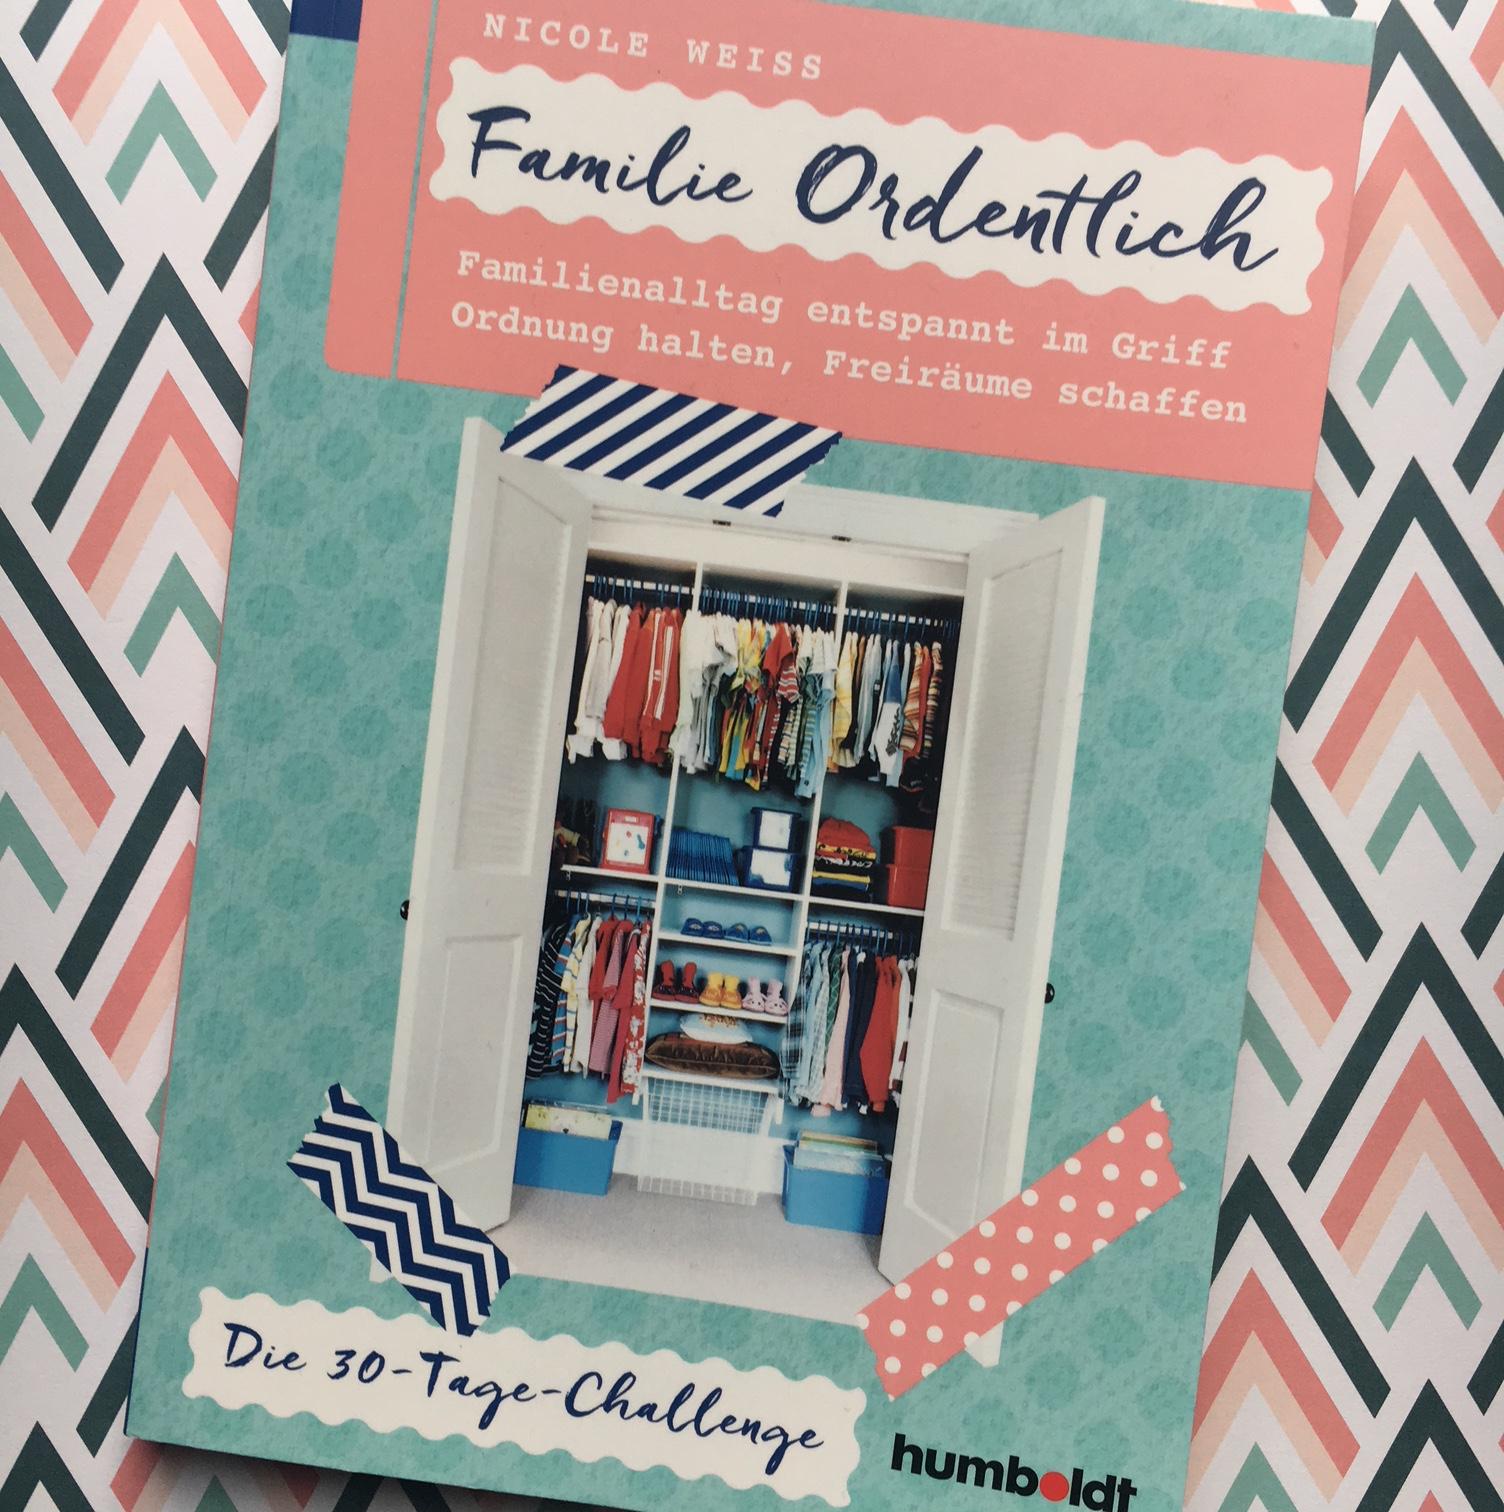 Familienbücherei: Familie Ordentlich - Die 30-Tage-Challenge